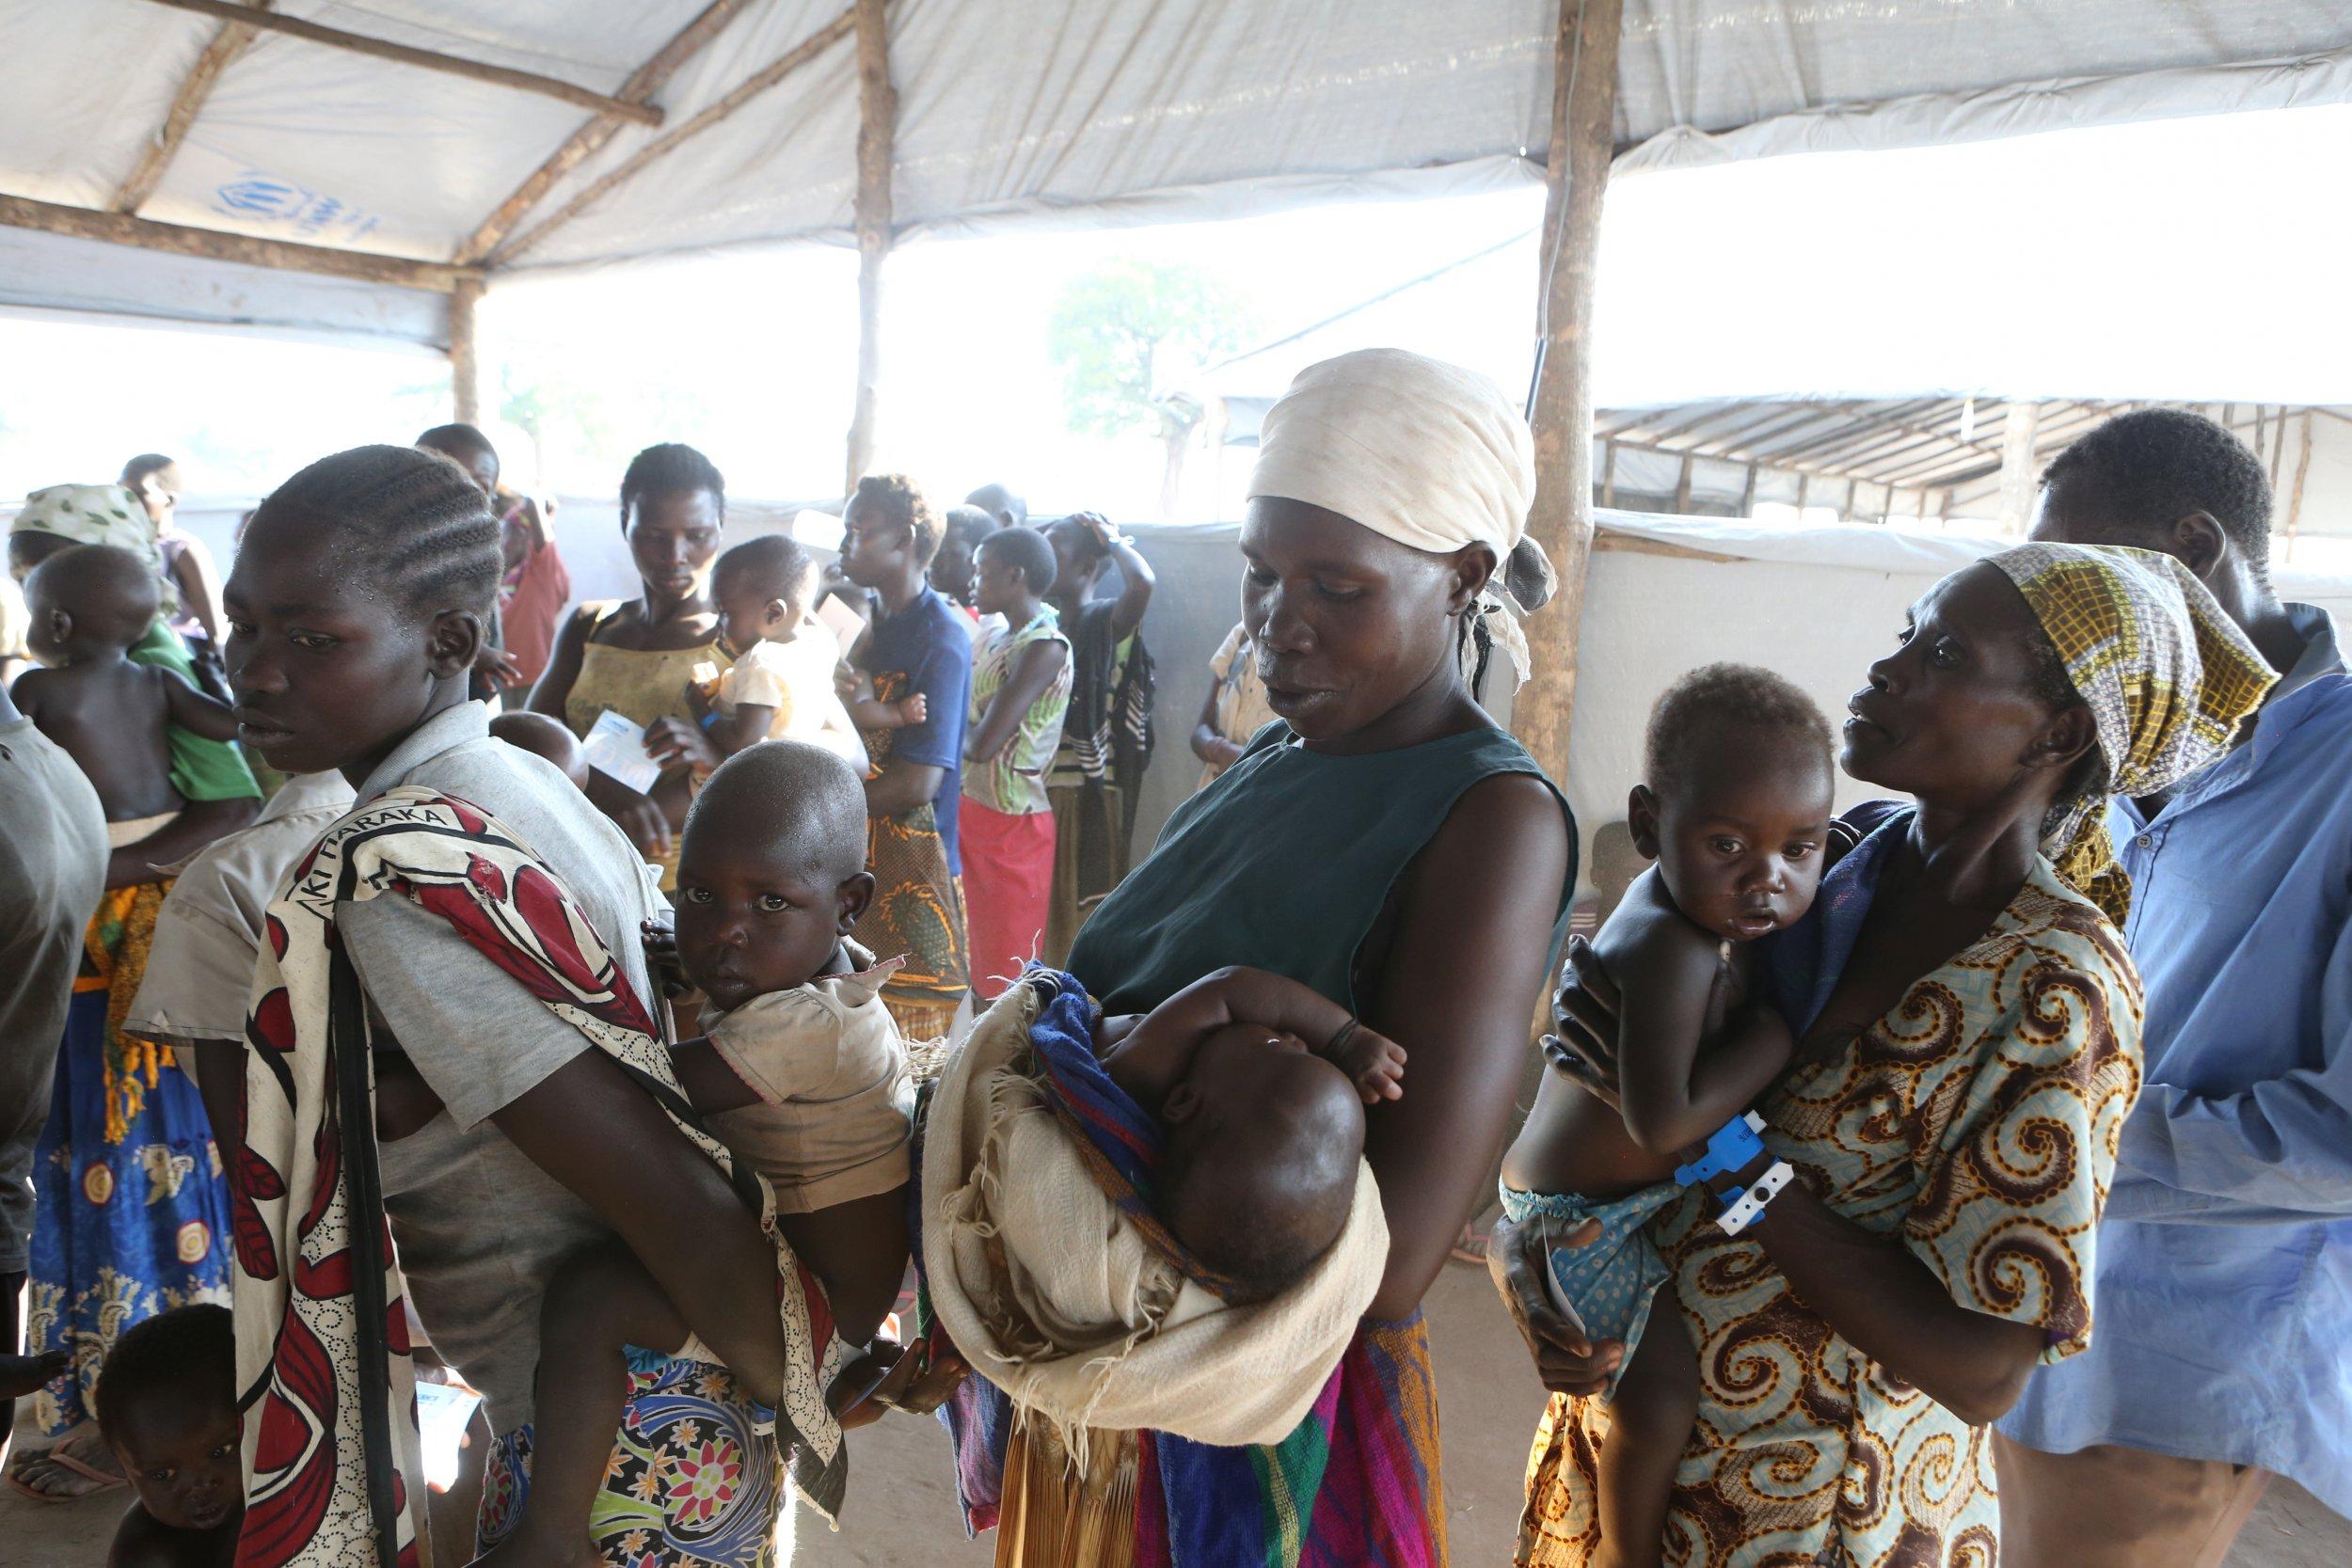 речь пойдет беженцы из судана фото хорошем смысле